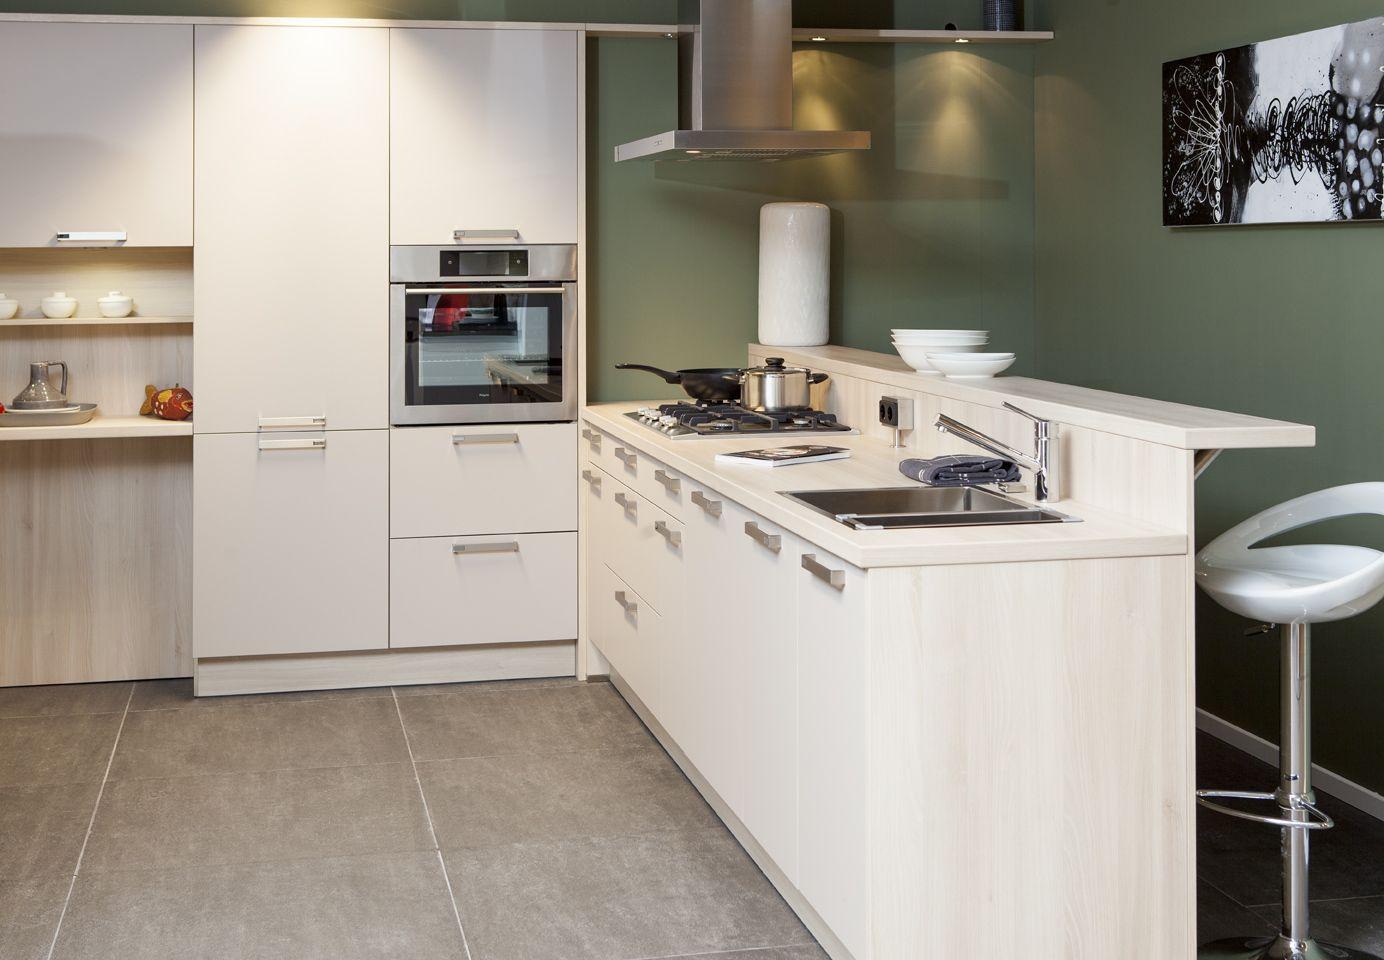 Bar In Keuken : Keuken u vorm luxe bar keuken top u keuken met bar nl de